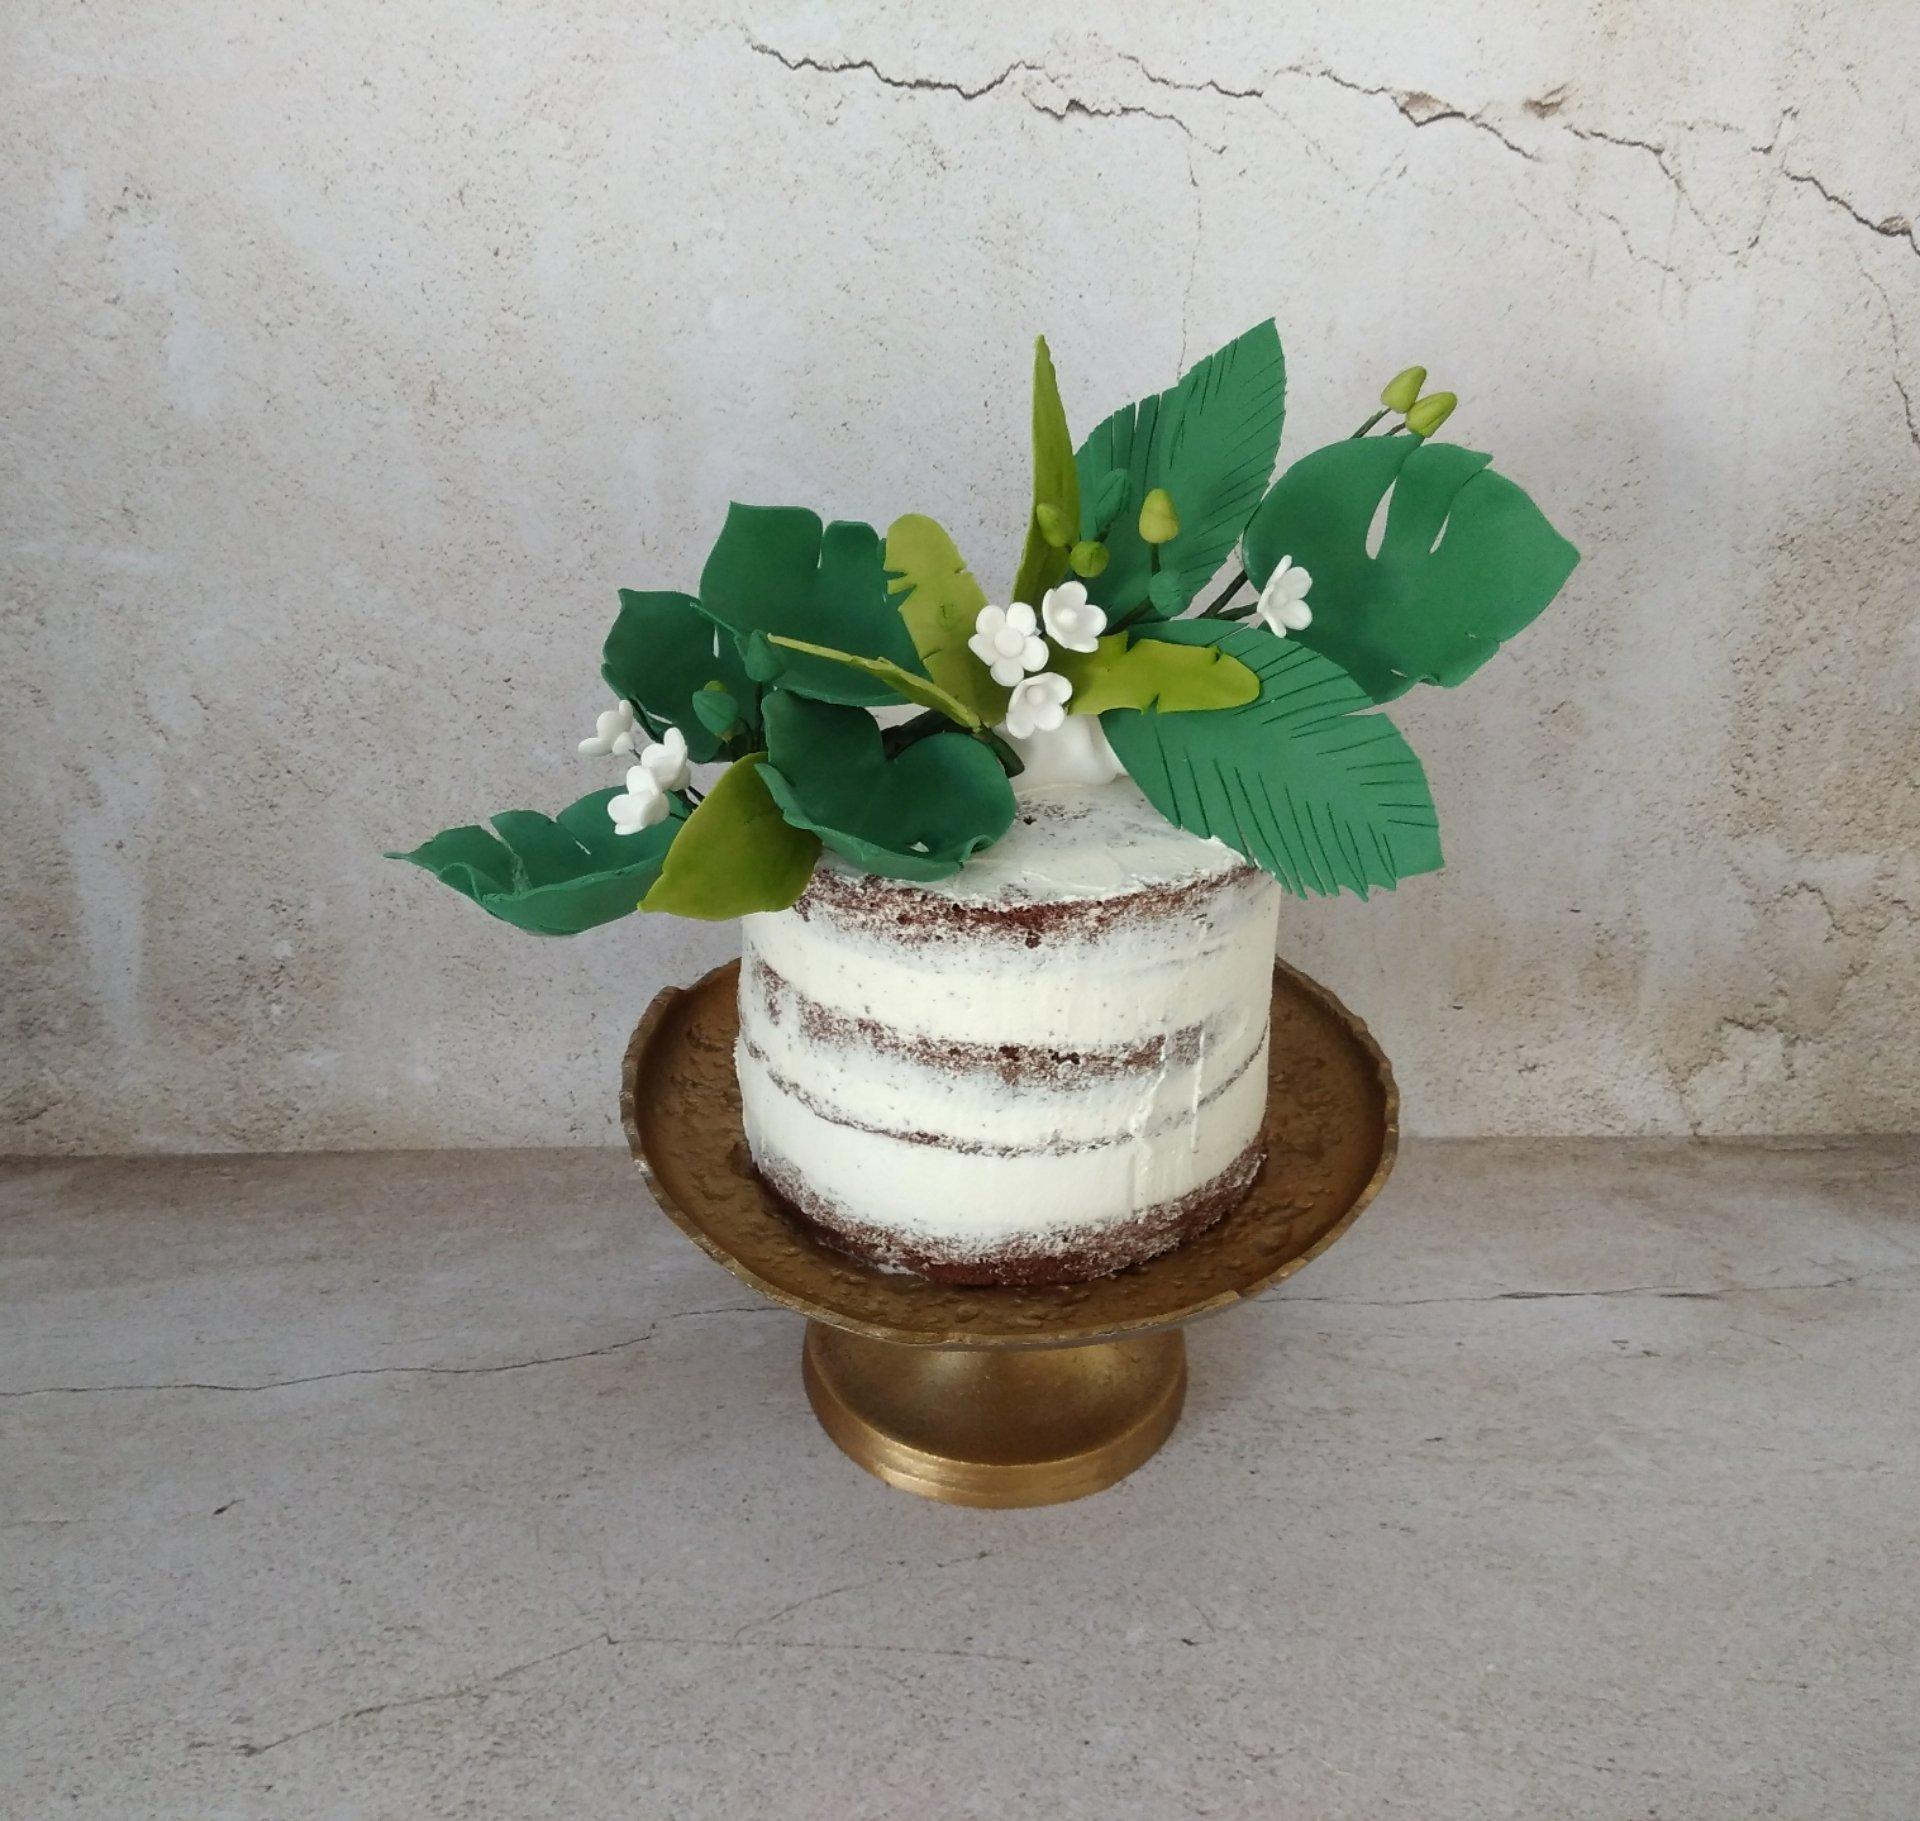 τούρτα γάμου χωρίς ζαχαρόπαστα ζουκγλα εξωτικα ανθη λουλουδια μπουμπουκια jungle γλυκά μπουφέ γάμου, ζαχαροπλαστείο καλαμάτα, madame charlotte, wedding cakes kalamata